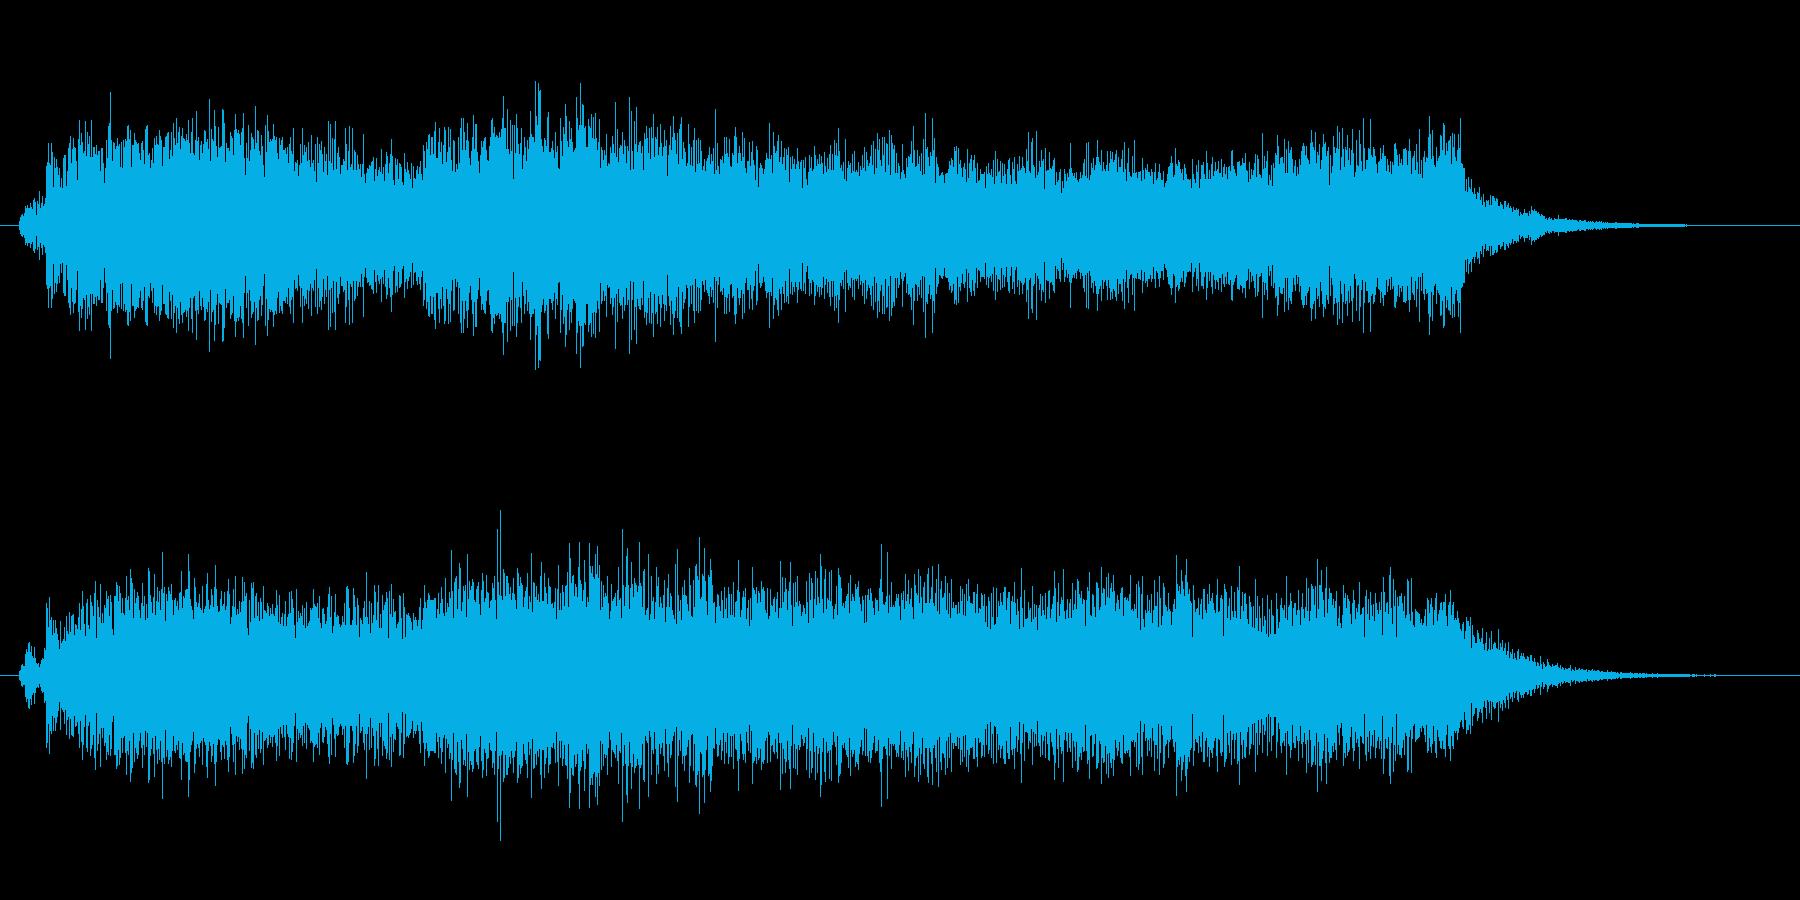 オーケストラでジャジャン ジャジャン6の再生済みの波形